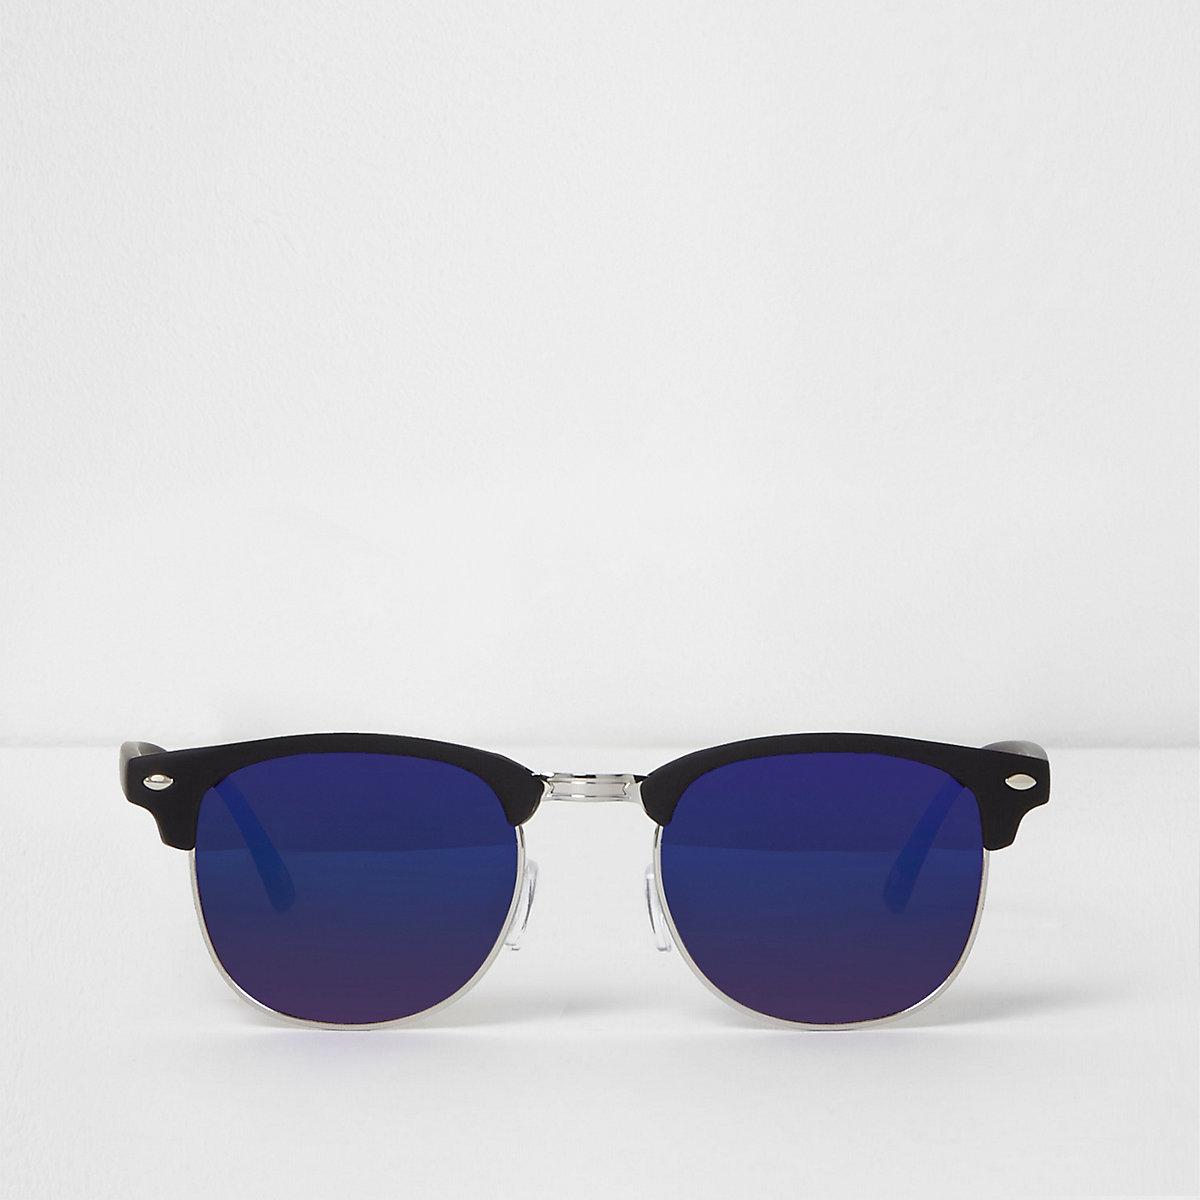 Black retro frame blue mirror lens sunglasses